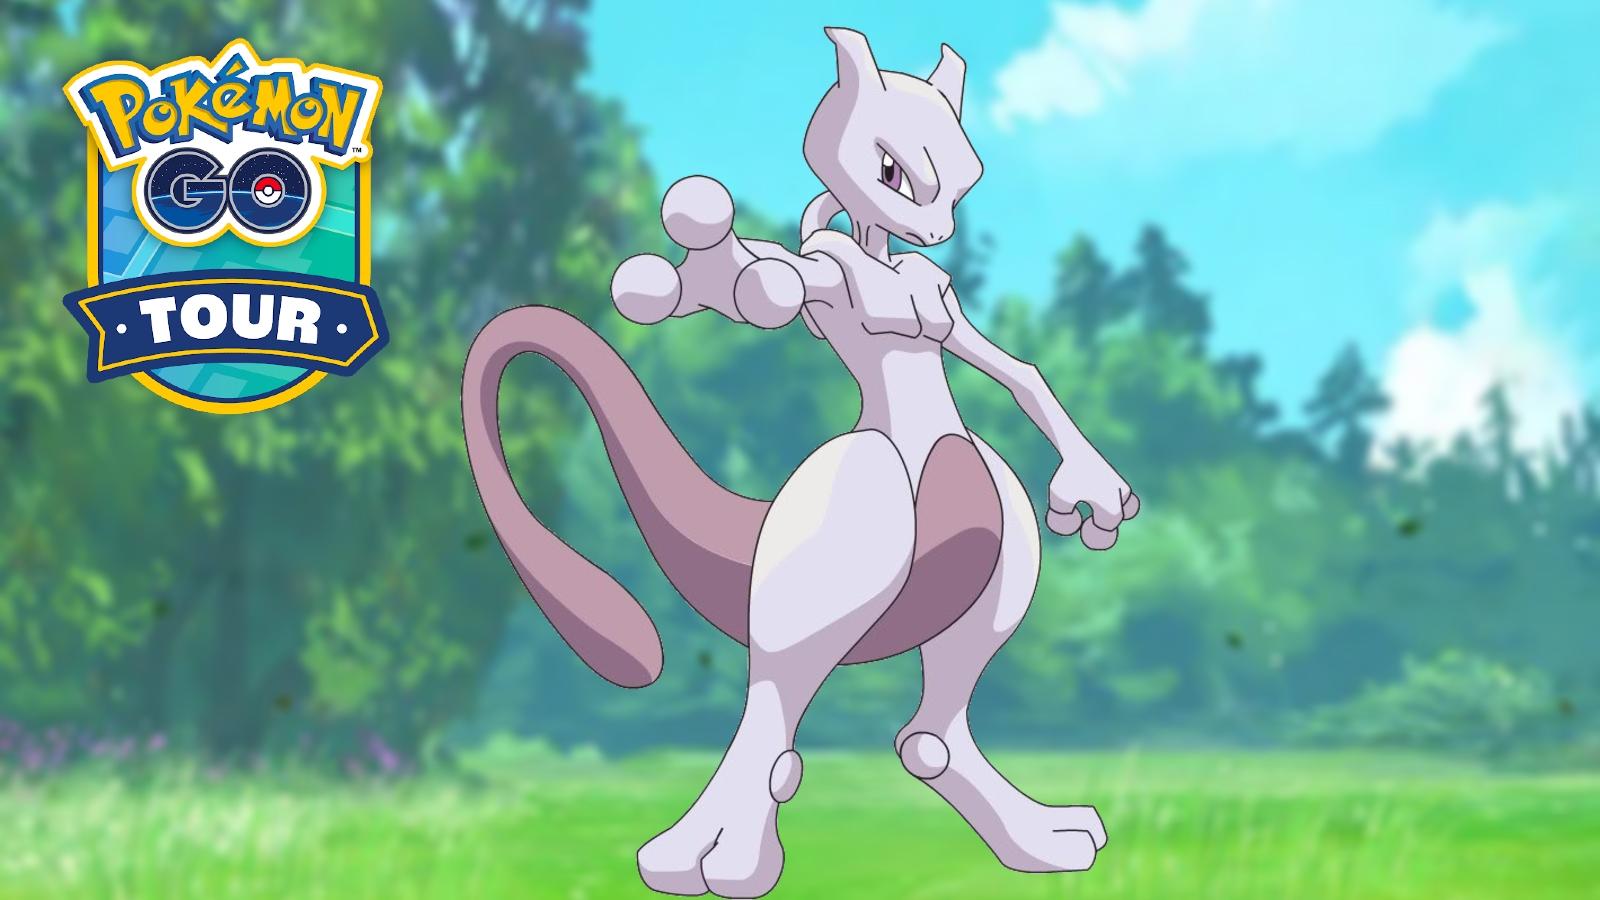 Pokemon Go Kanto Tour mewtwo raid counters